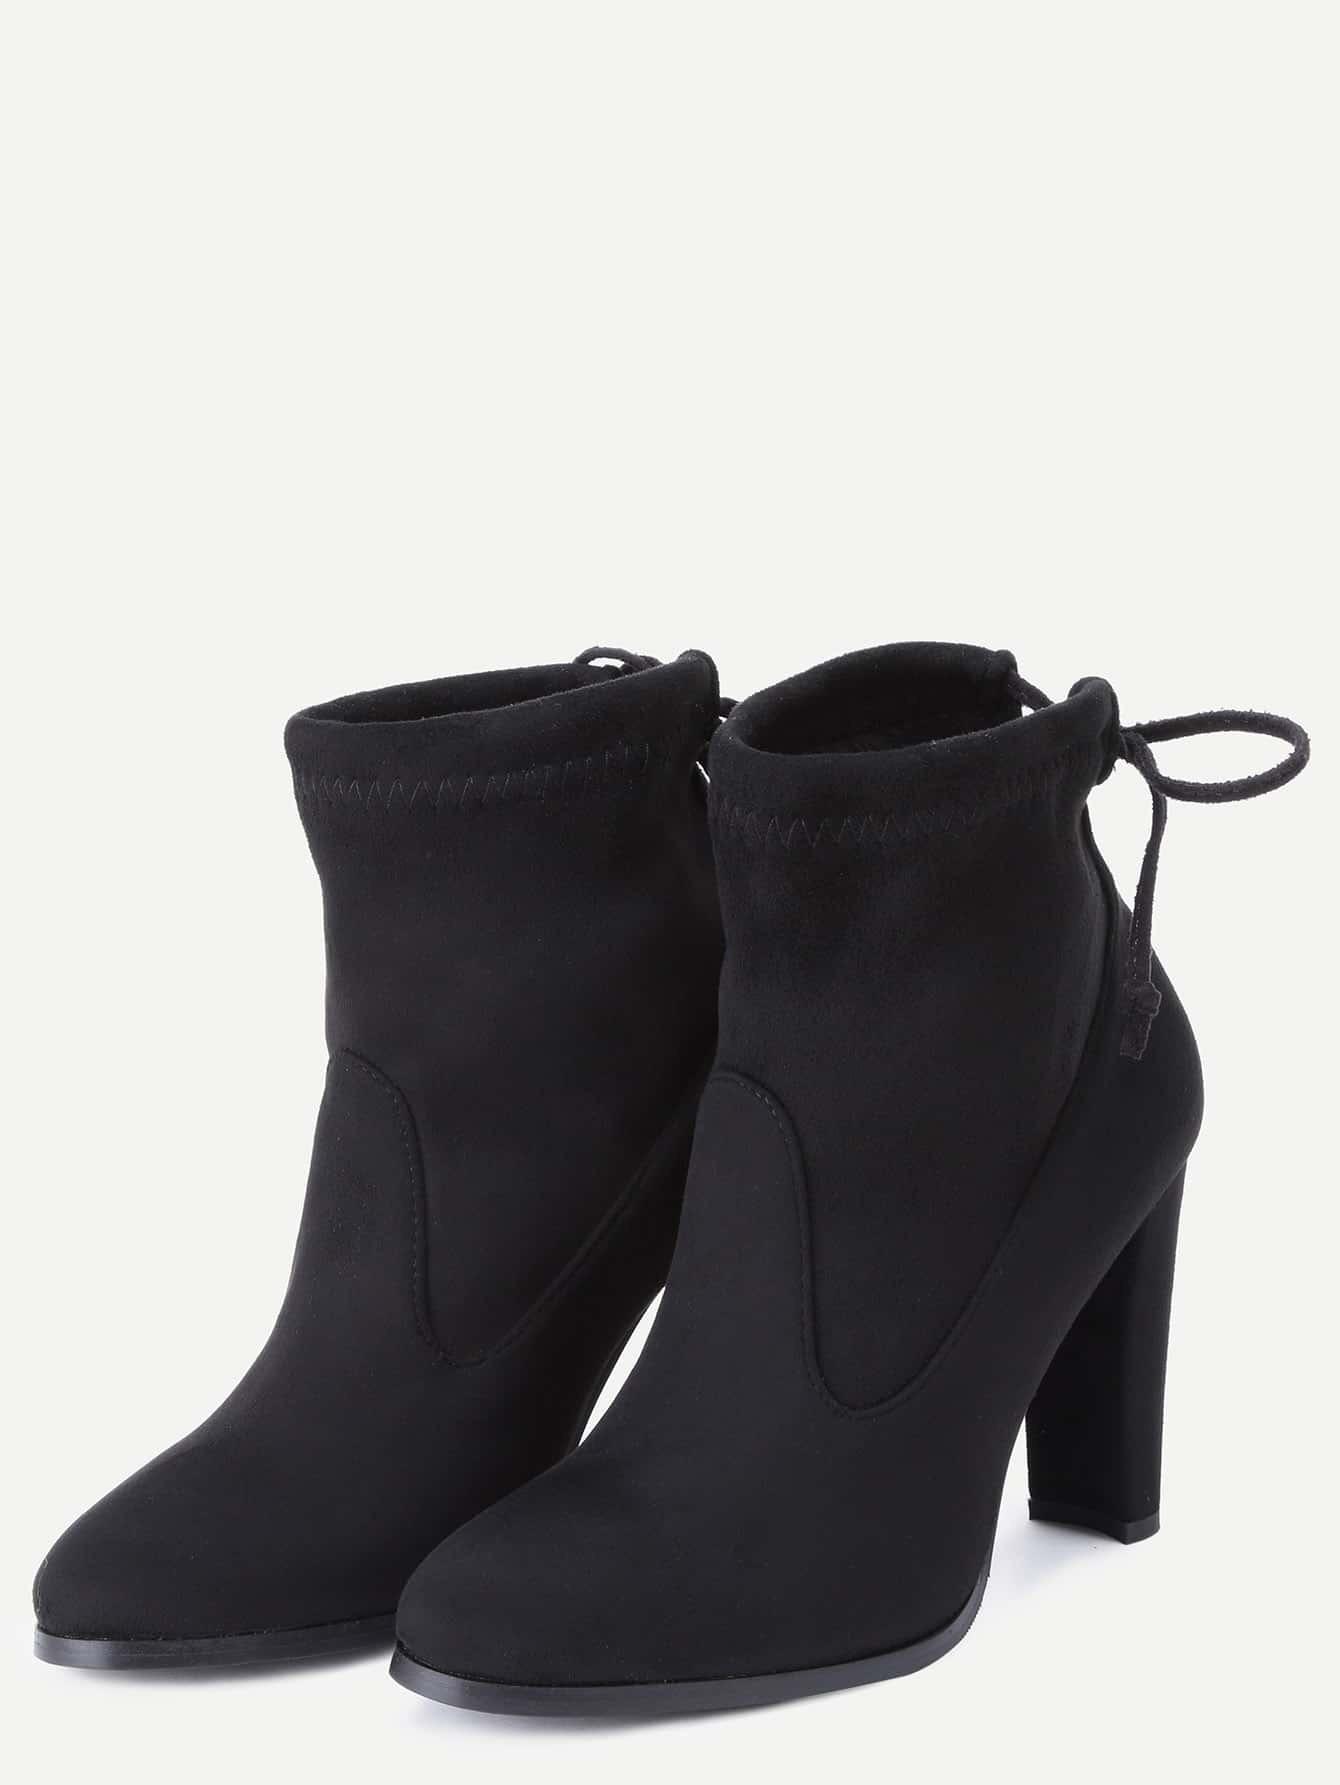 shoes160920807_2